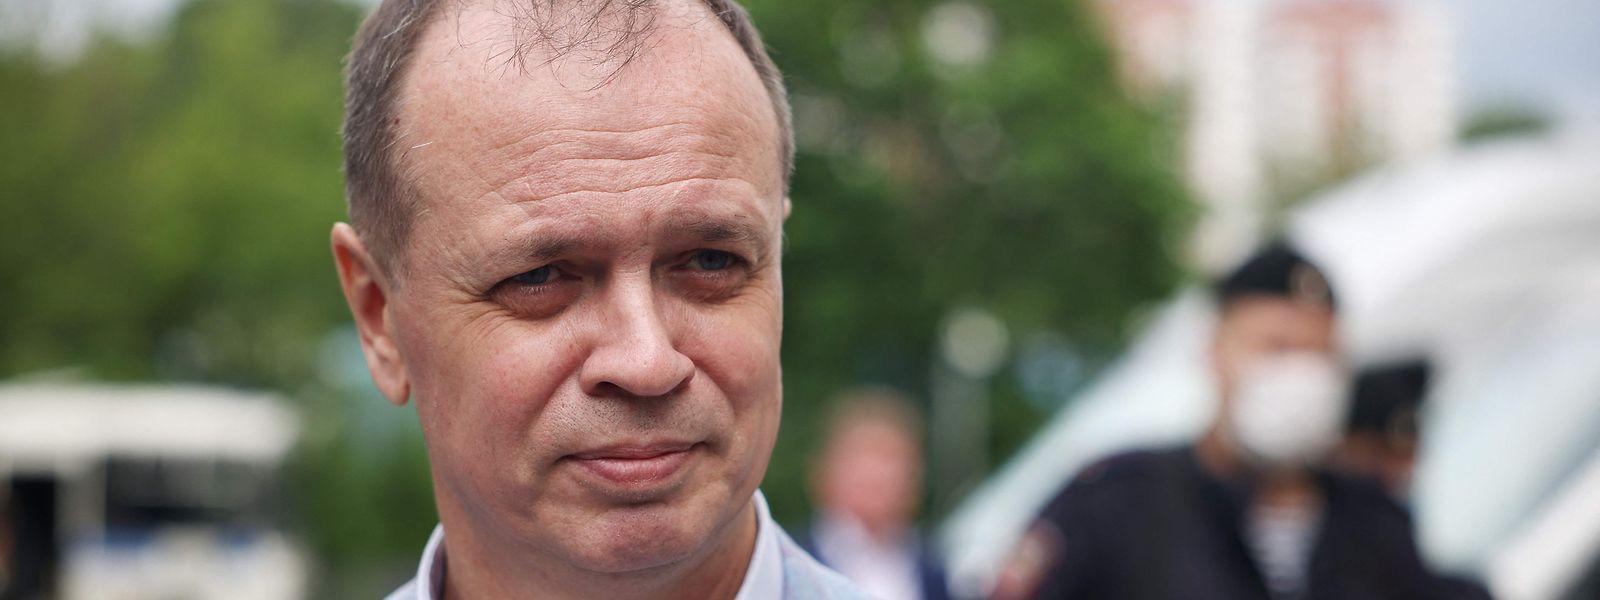 """""""Ich habe nicht vor, wegzulaufen"""", so Iwan Pawlow, Leiter der Anwaltsorganisation """"Komanda 29""""."""